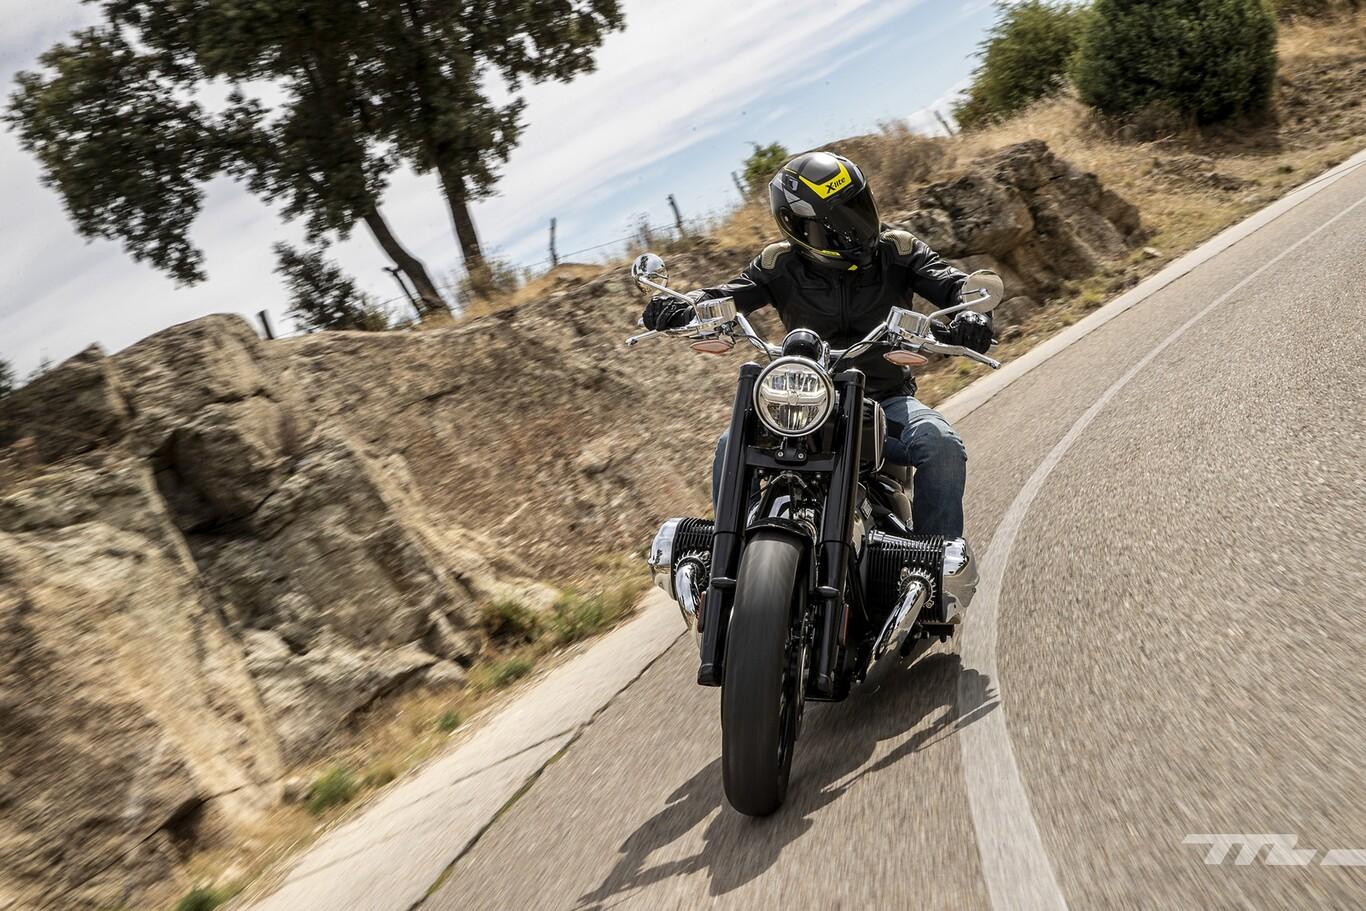 la-nueva-moto-custom-basada-en-la-bmw-r-18-llegaria-al-mercado-mundial-con-el-motor-de-109-cv-de-la-bmw-r-ninet